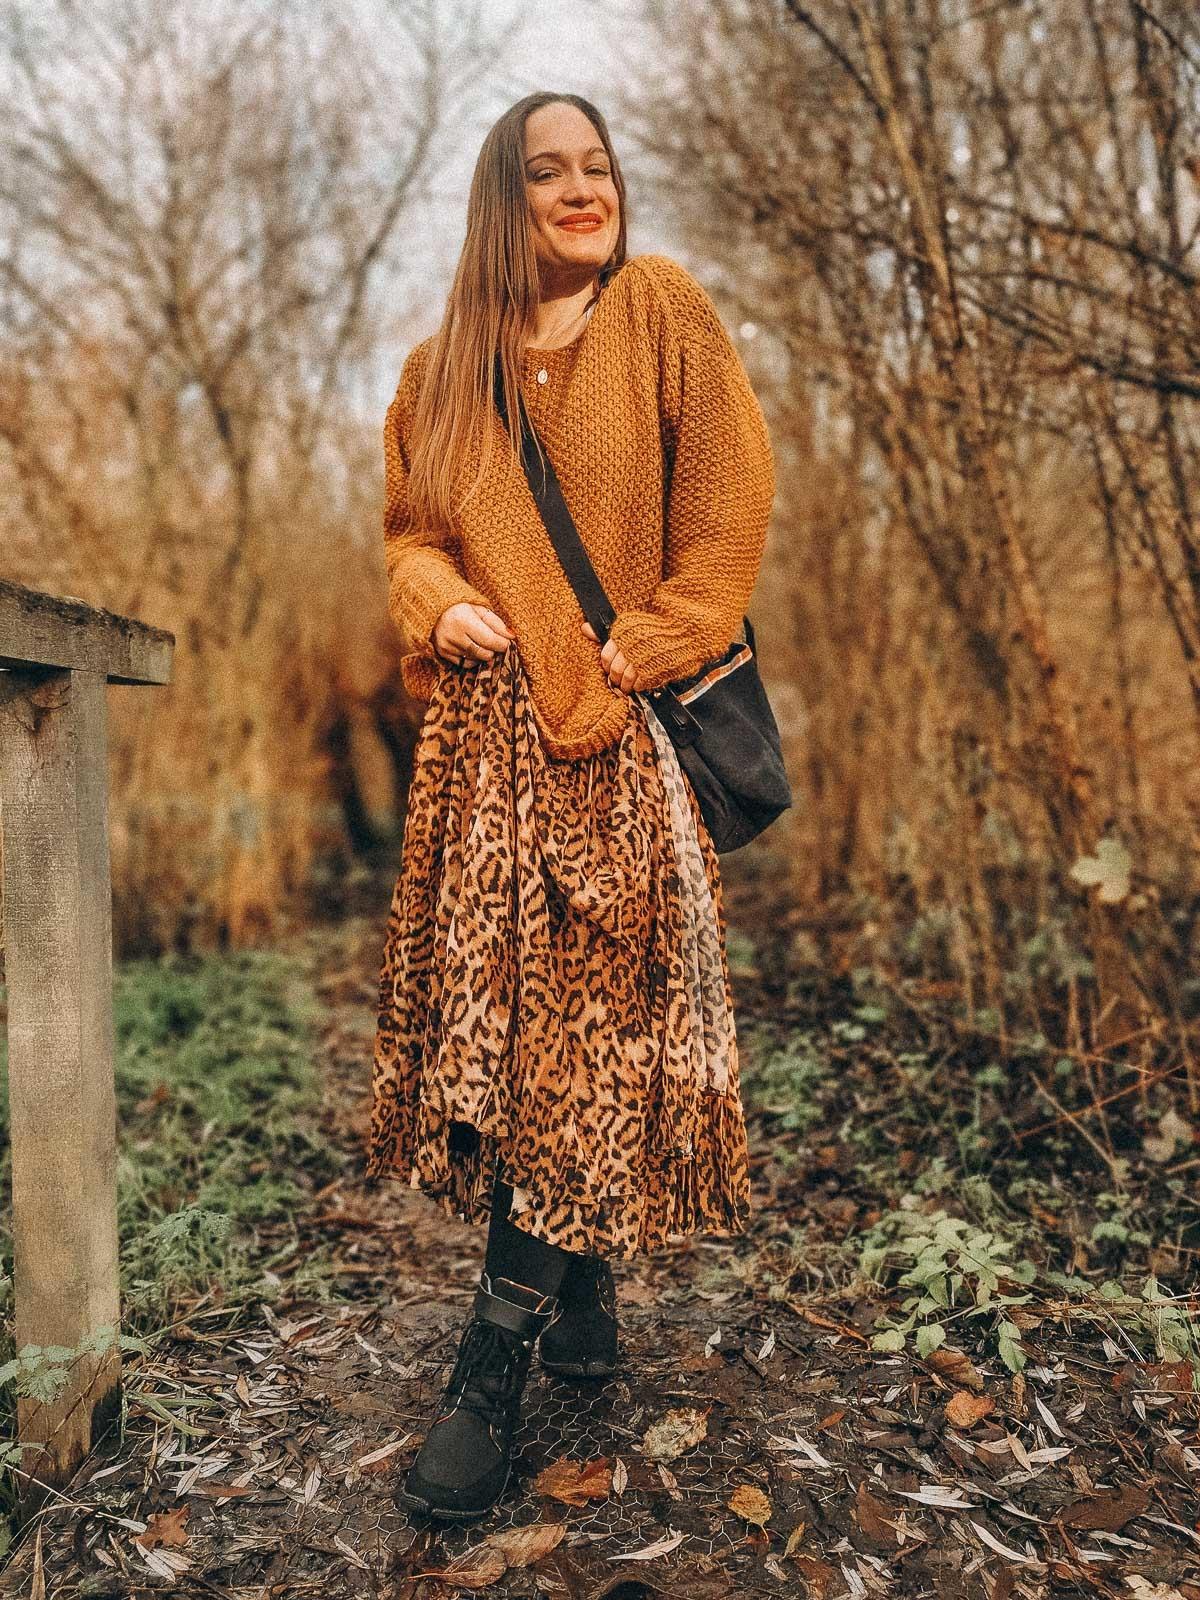 Wildling, Peg And Awl, Second Hand, Second Hand kaufen, Vintage Kleidung, Reuse, Upcycle, Fair Fashion Deutschland, Barfußschuhe, Minimalschuhe, Winter Minimalschuhe